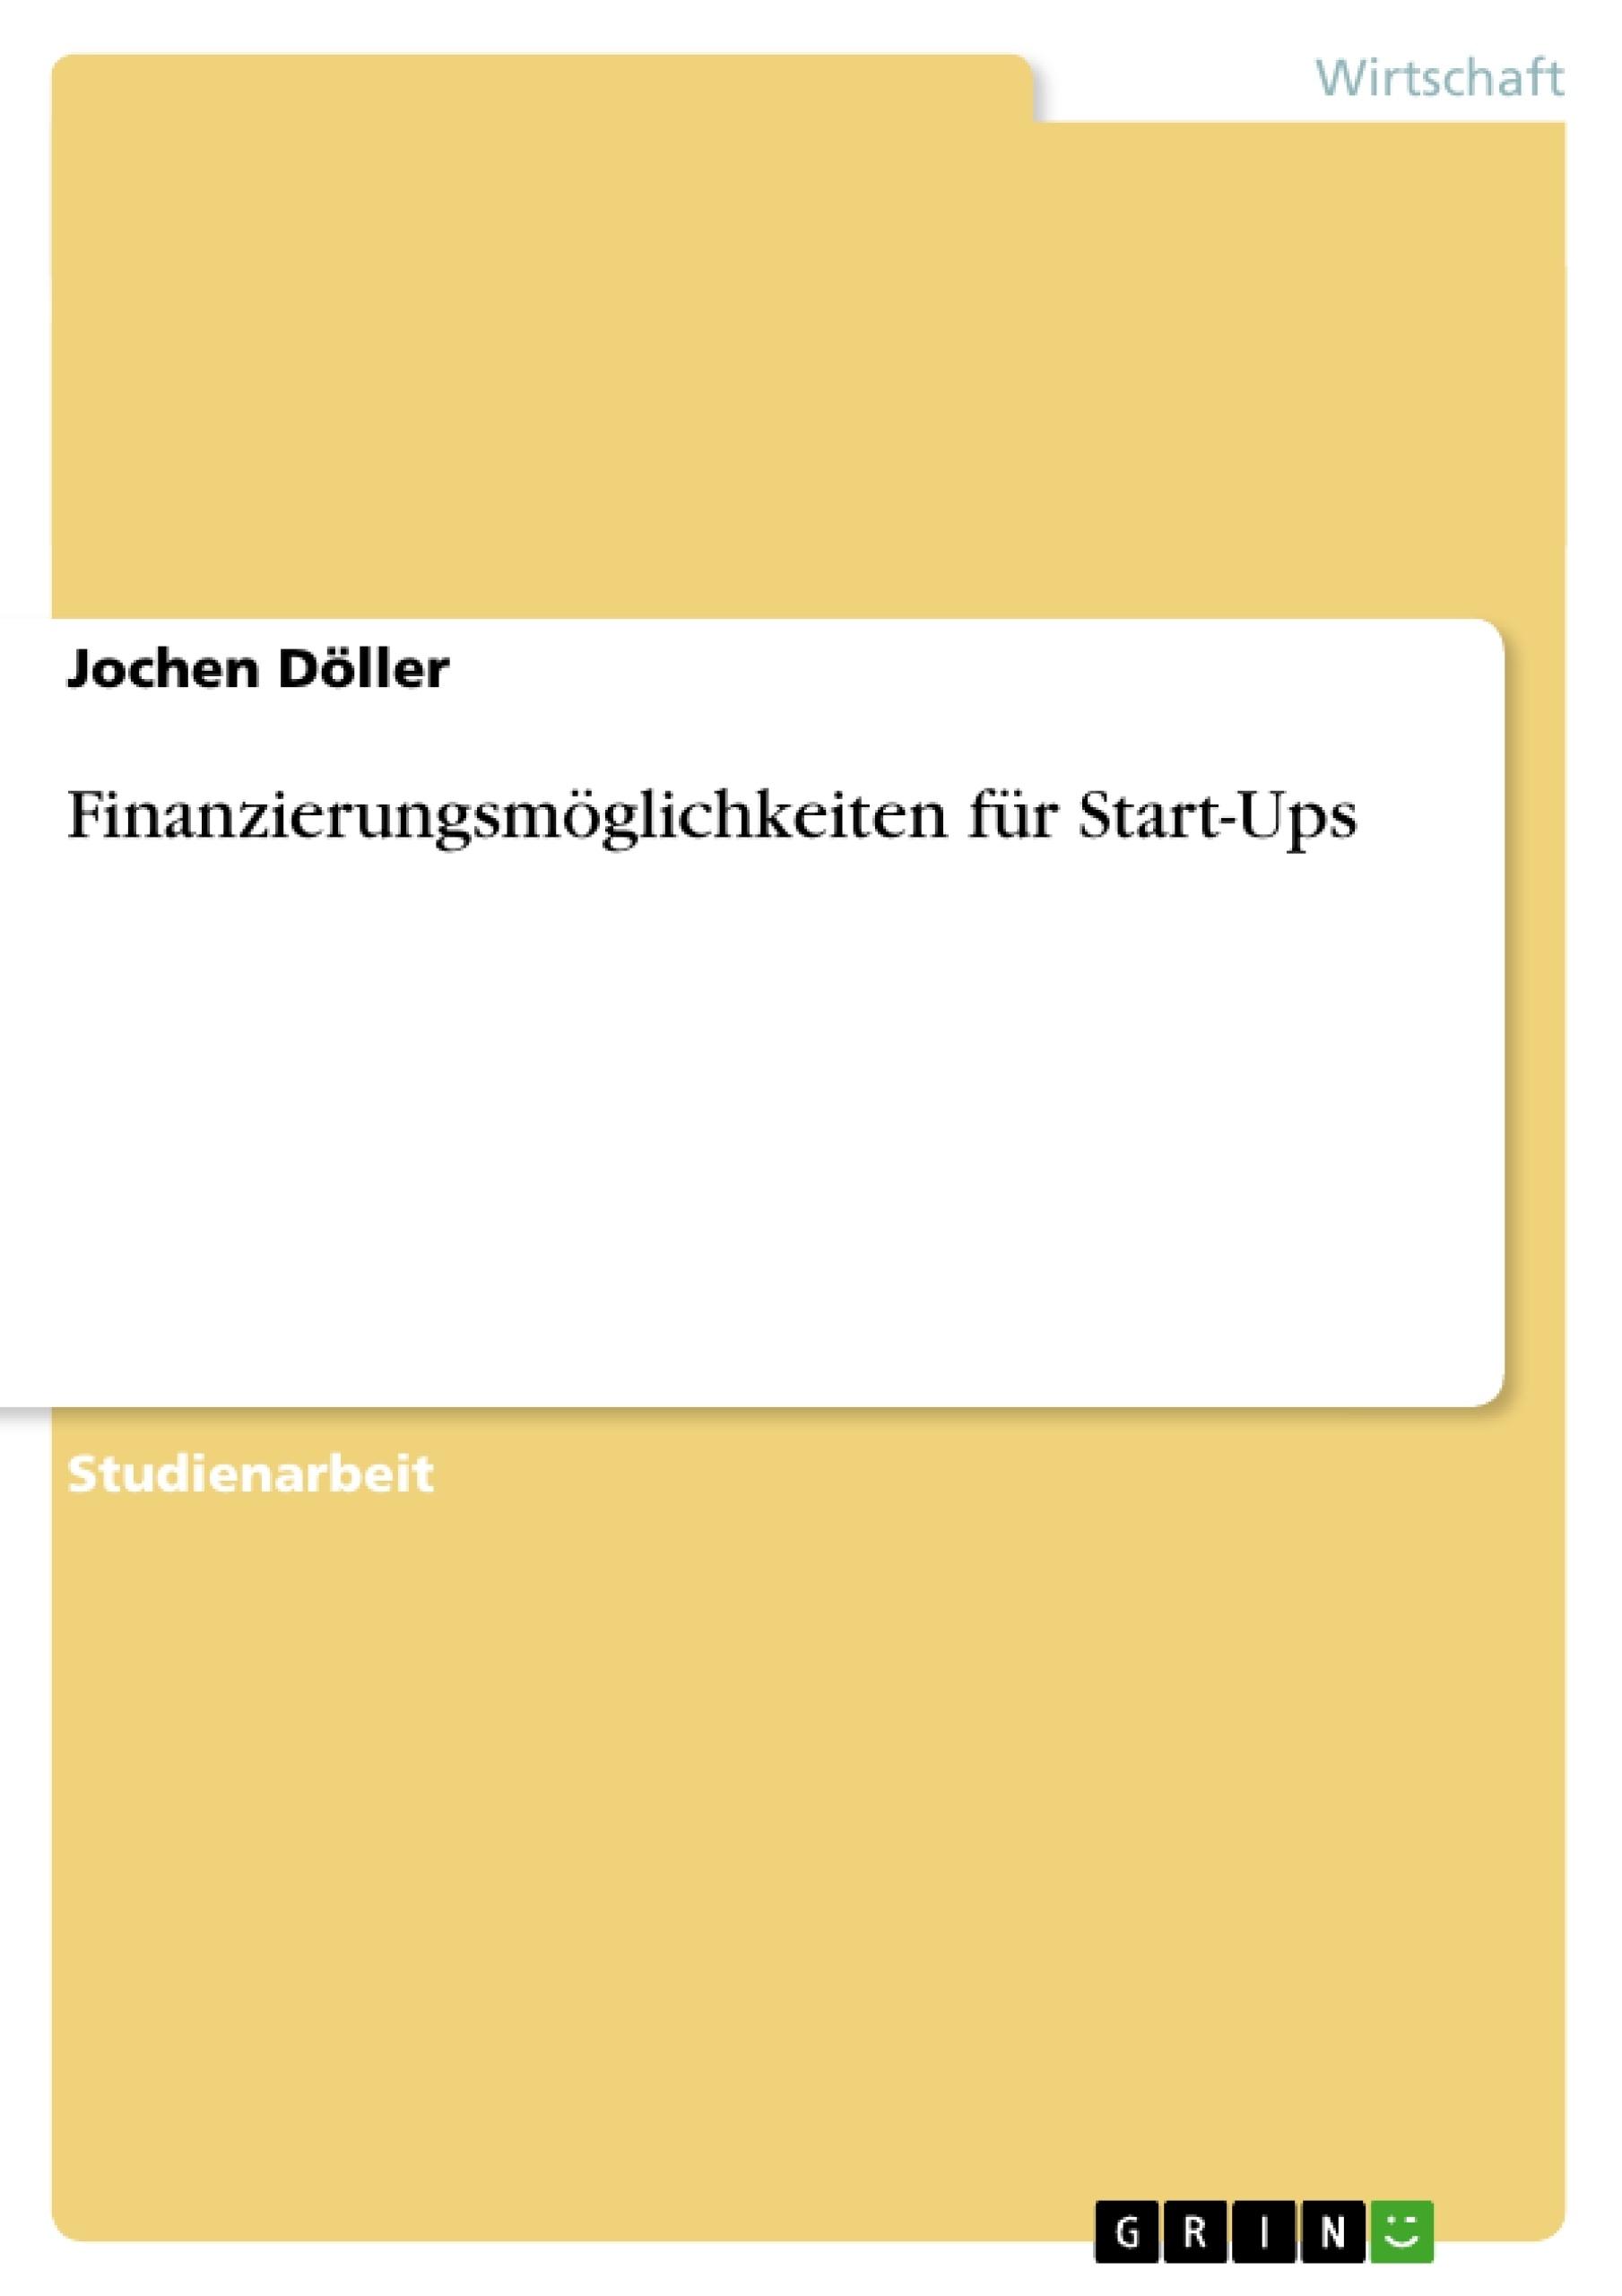 Titel: Finanzierungsmöglichkeiten für Start-Ups